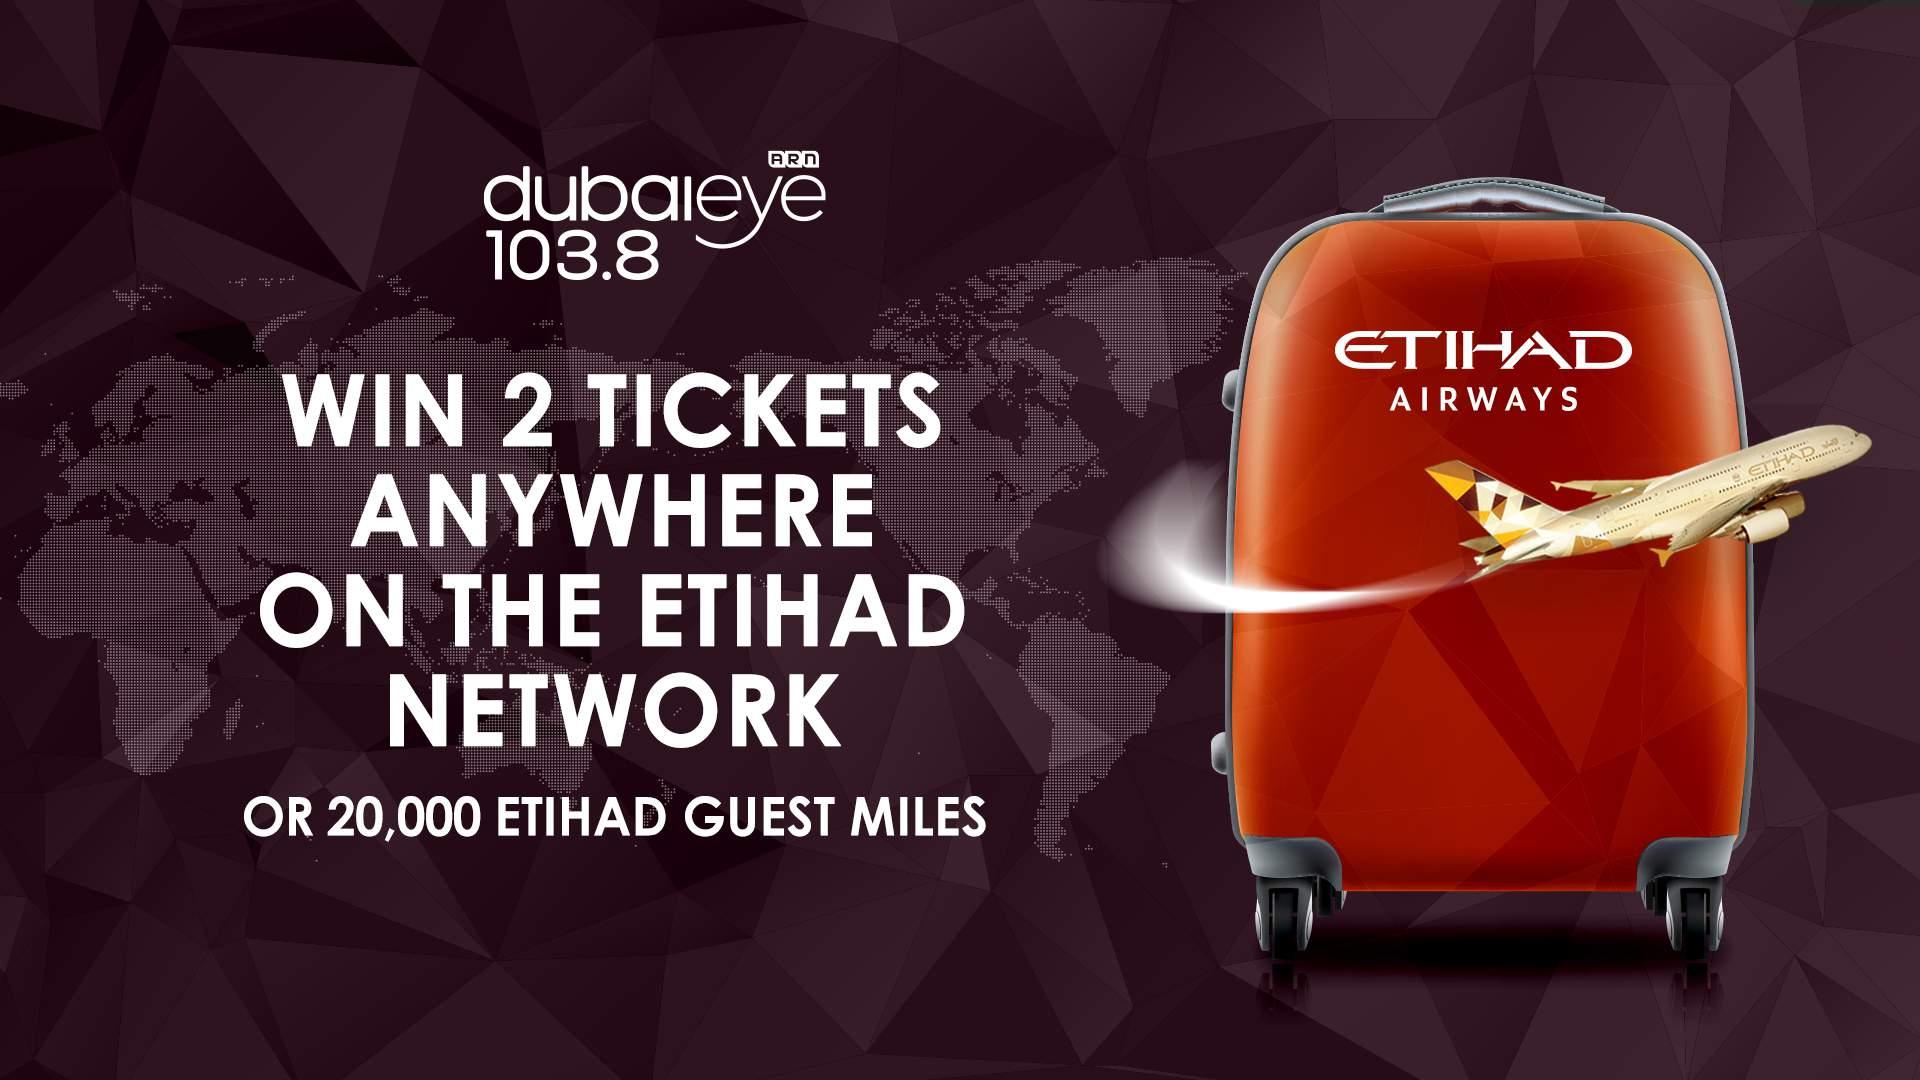 Etihad - Legacy of UAE 50